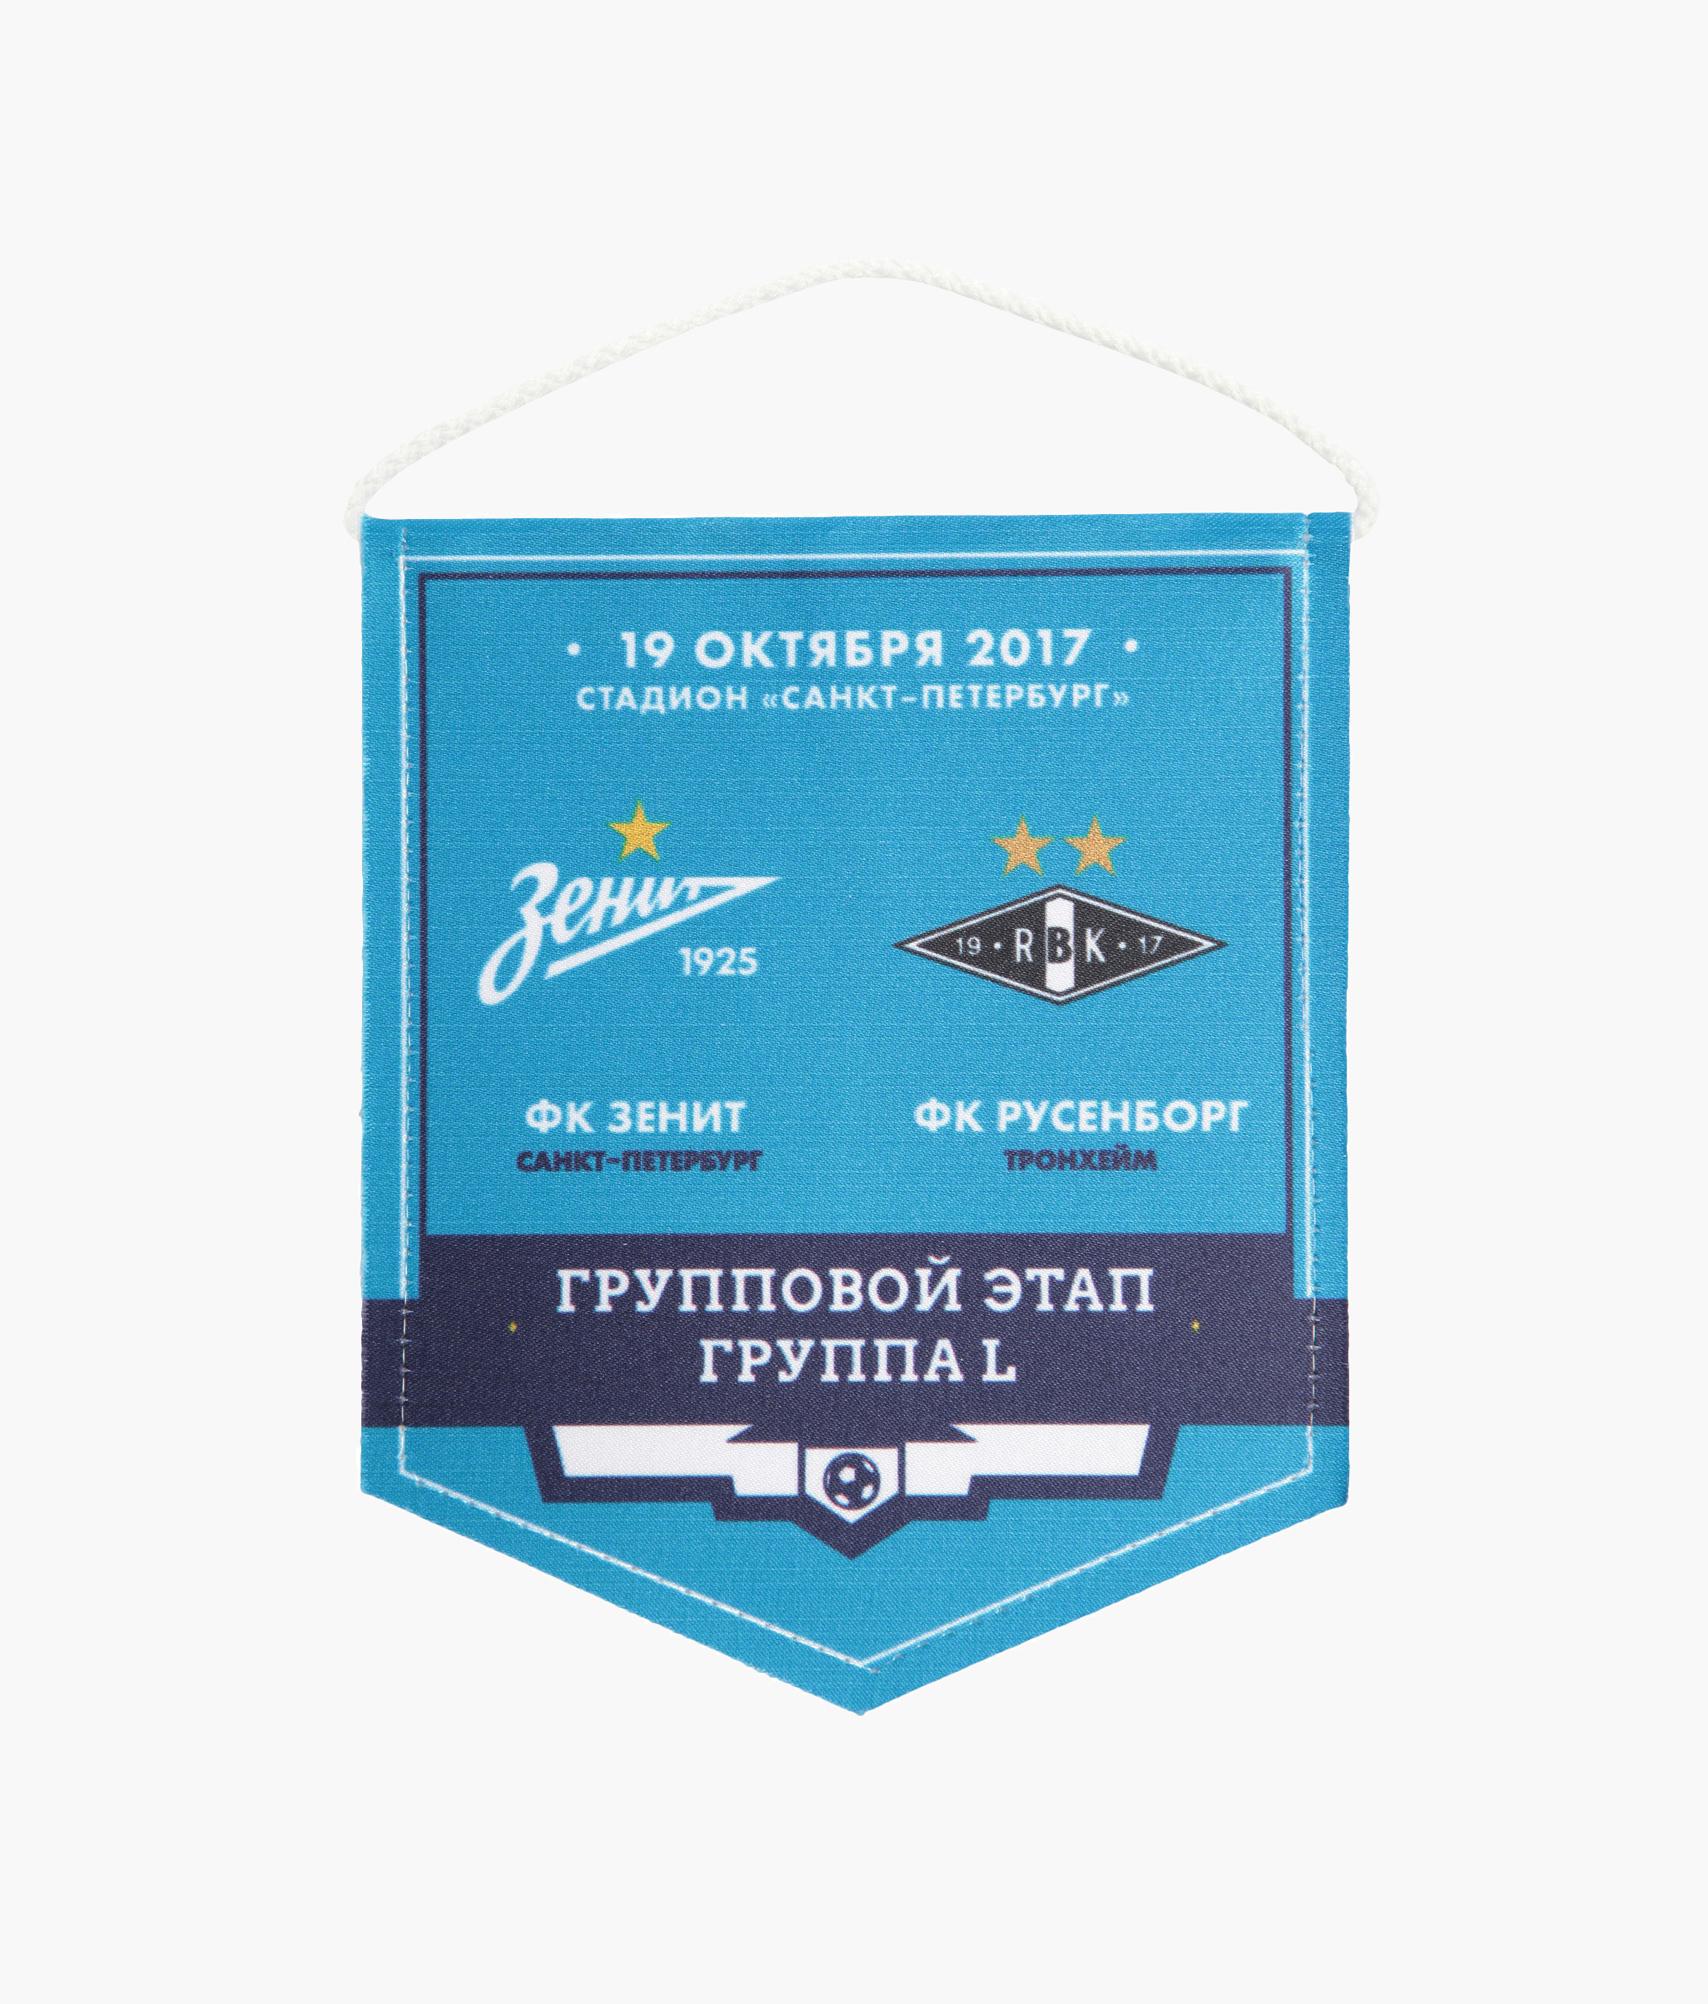 Вымпел «Зенит-Русенборг» 19.10.2017 Зенит